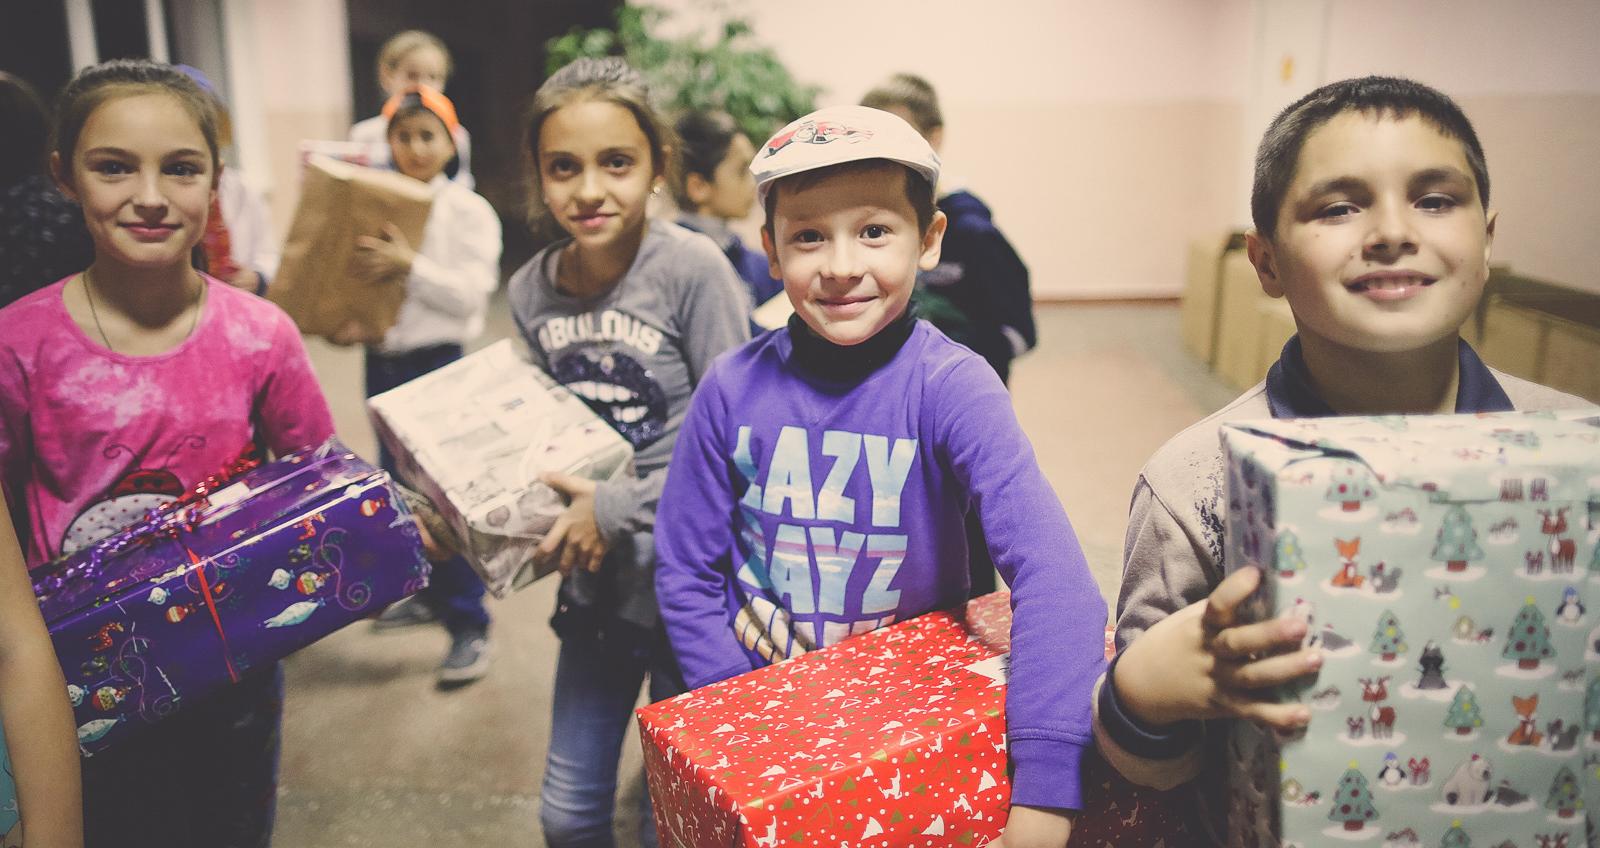 Weihnachtspäckchenkonvoi - Zaubern Sie strahlende Kinderaugen!